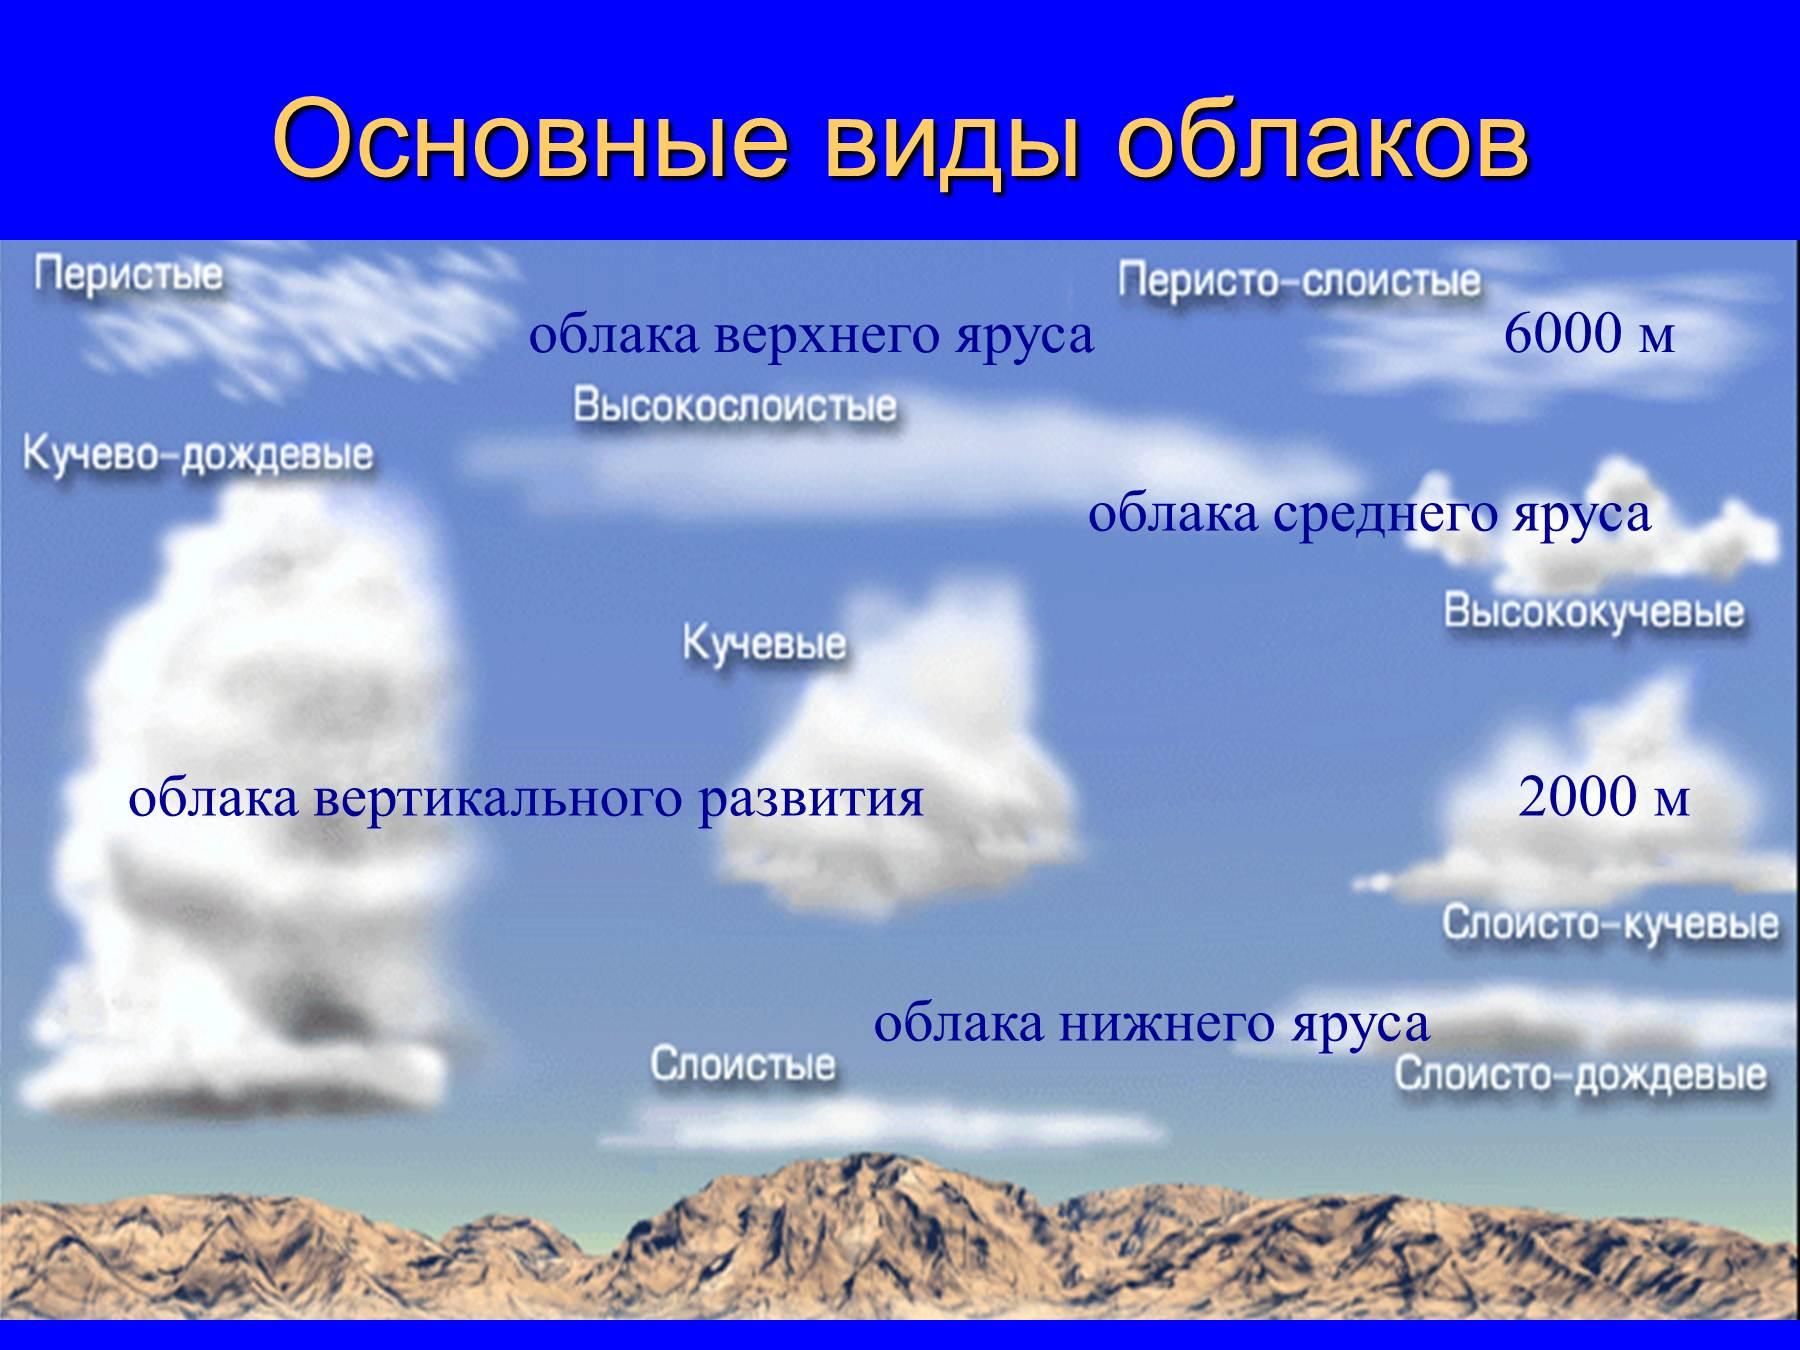 кожа, виды облаков картинки с названиями и описанием абанеро